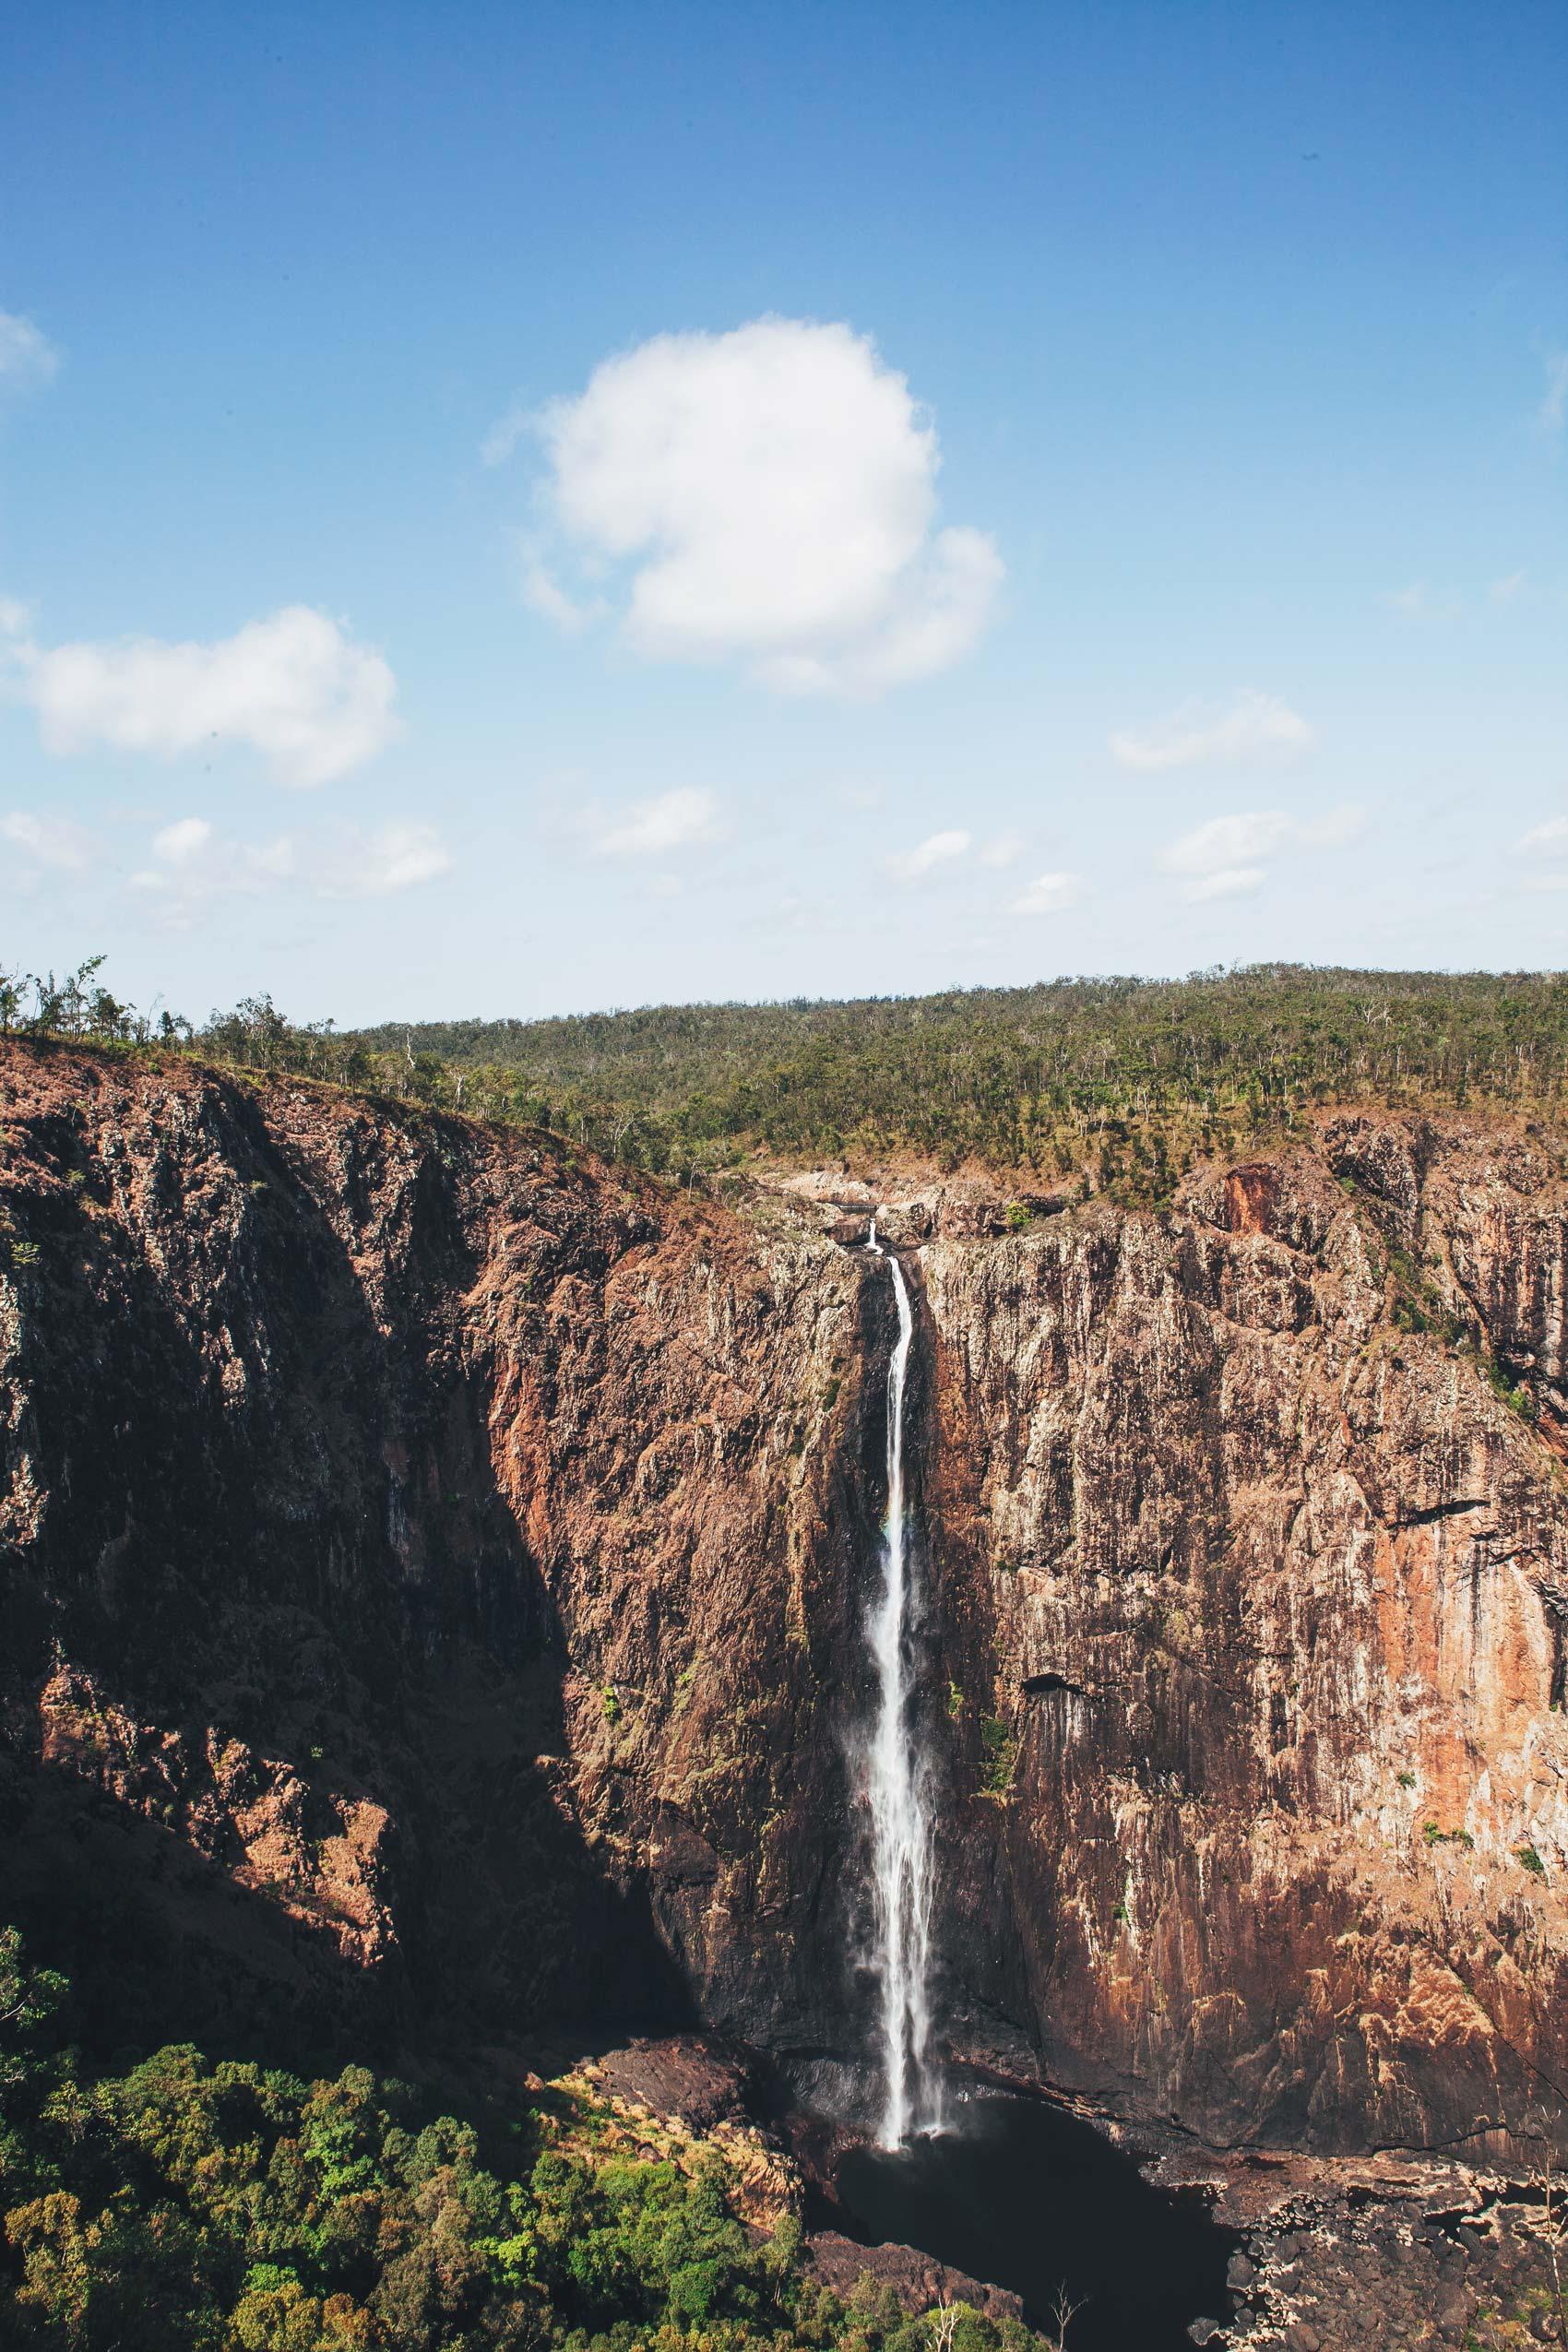 Wallaman Falls Australie